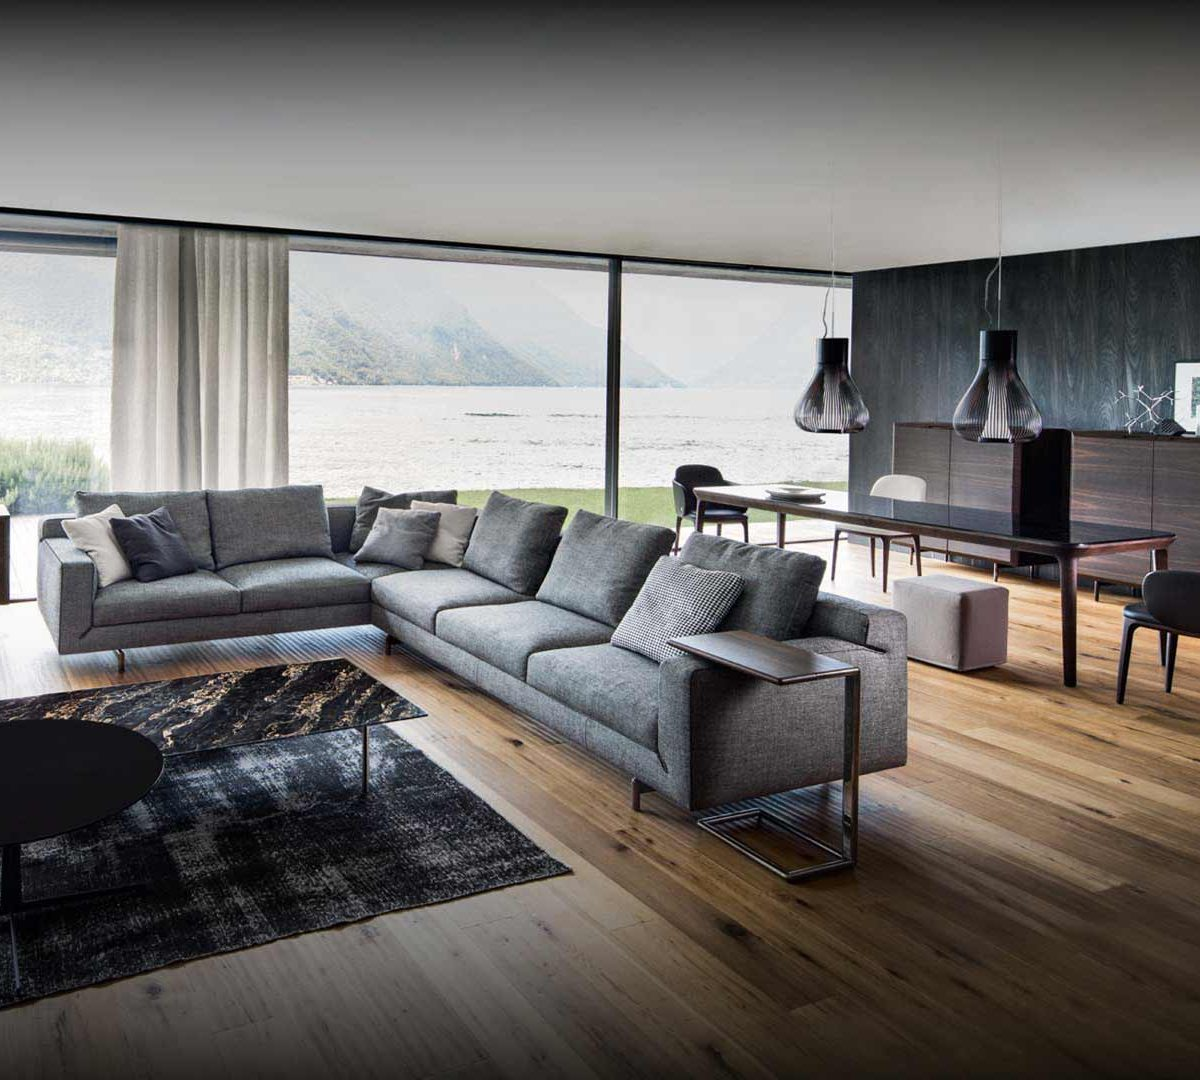 Fotografia di un soggiorno con salotto Busnelli